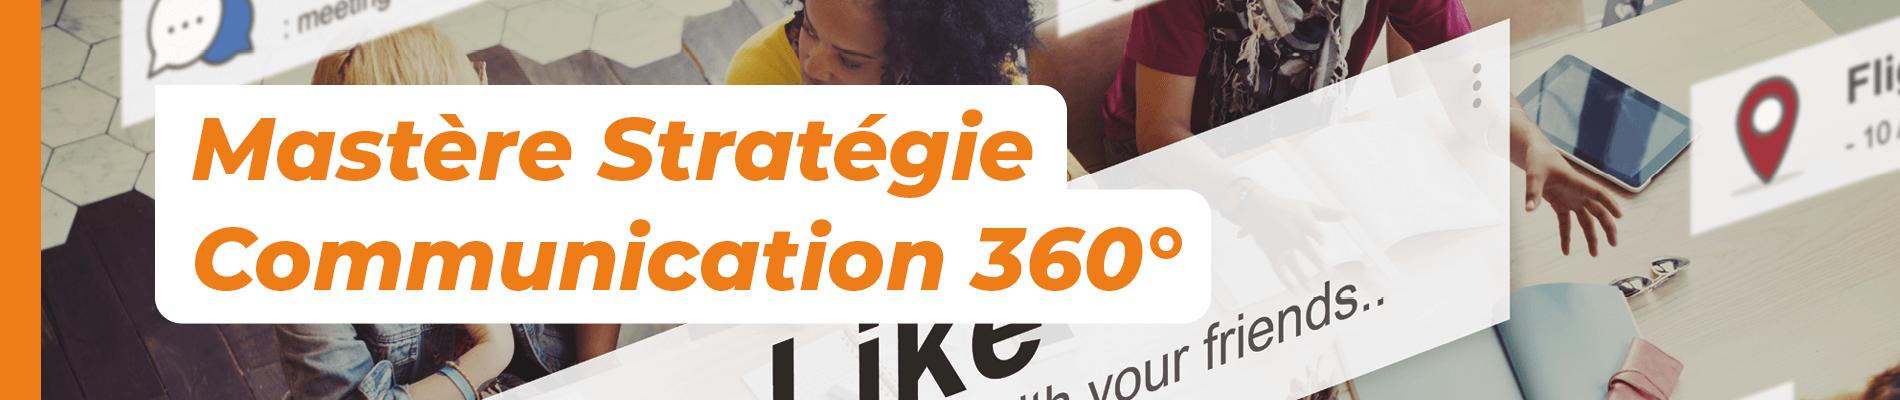 Mastère Stratégie Communication 360